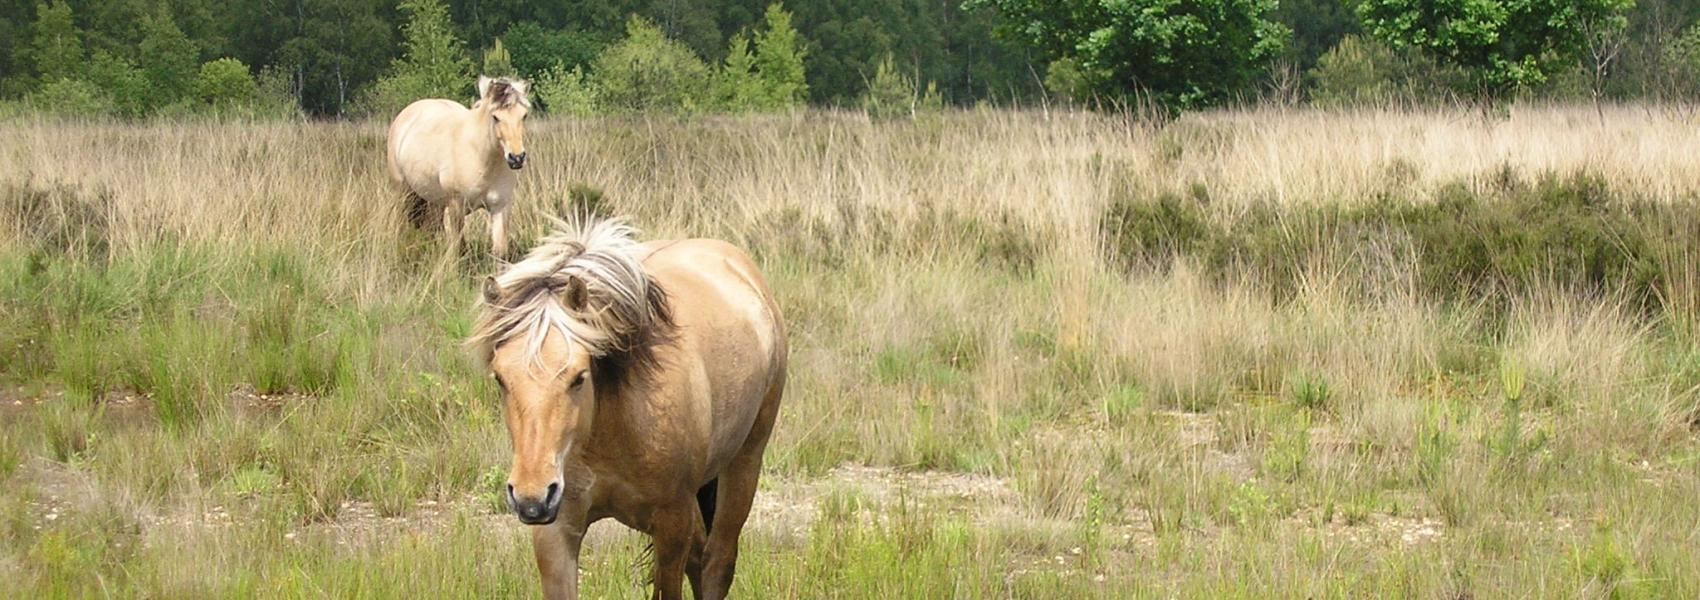 Koninkspaarden